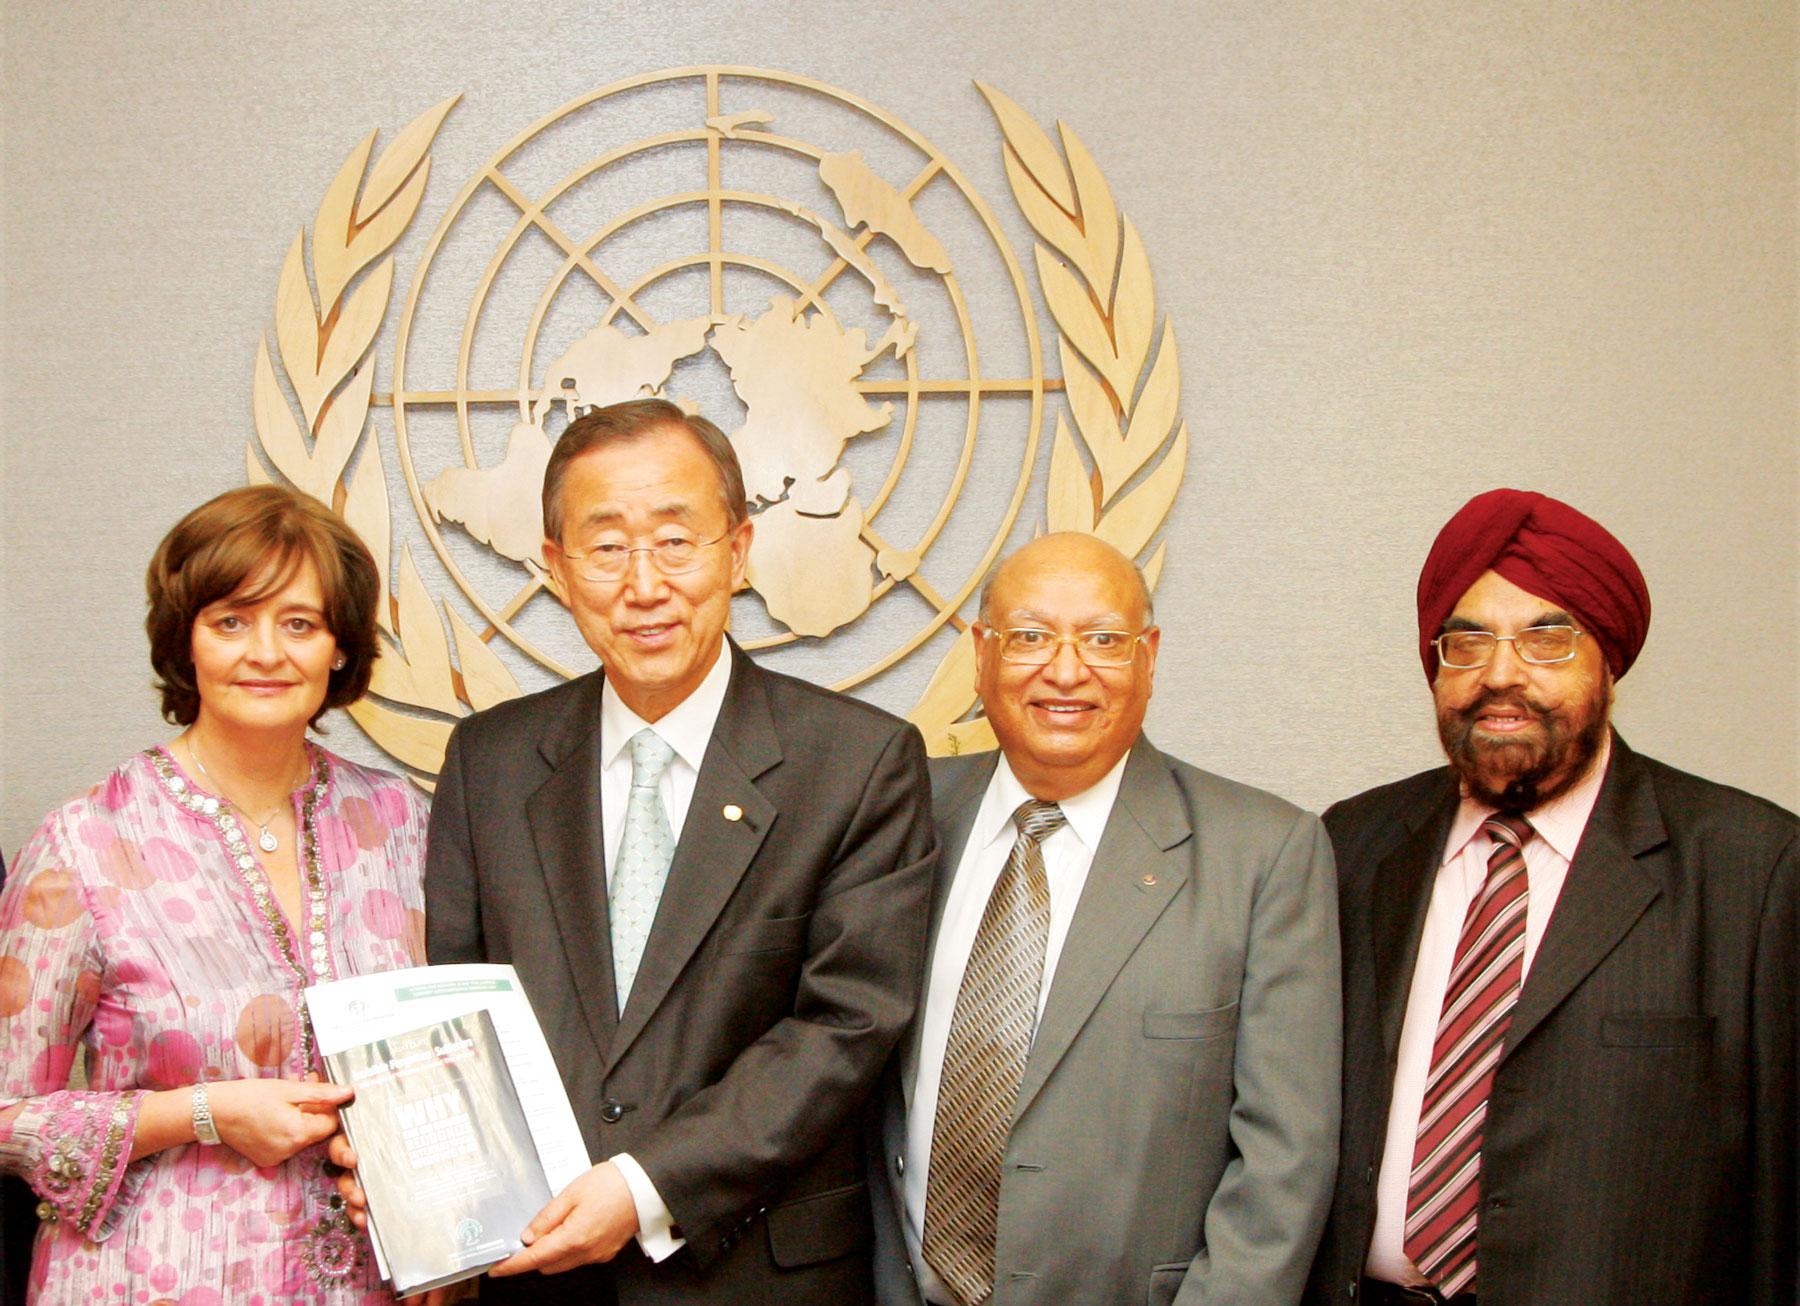 UNSG Ban Ki-Moon receives IWD presentation